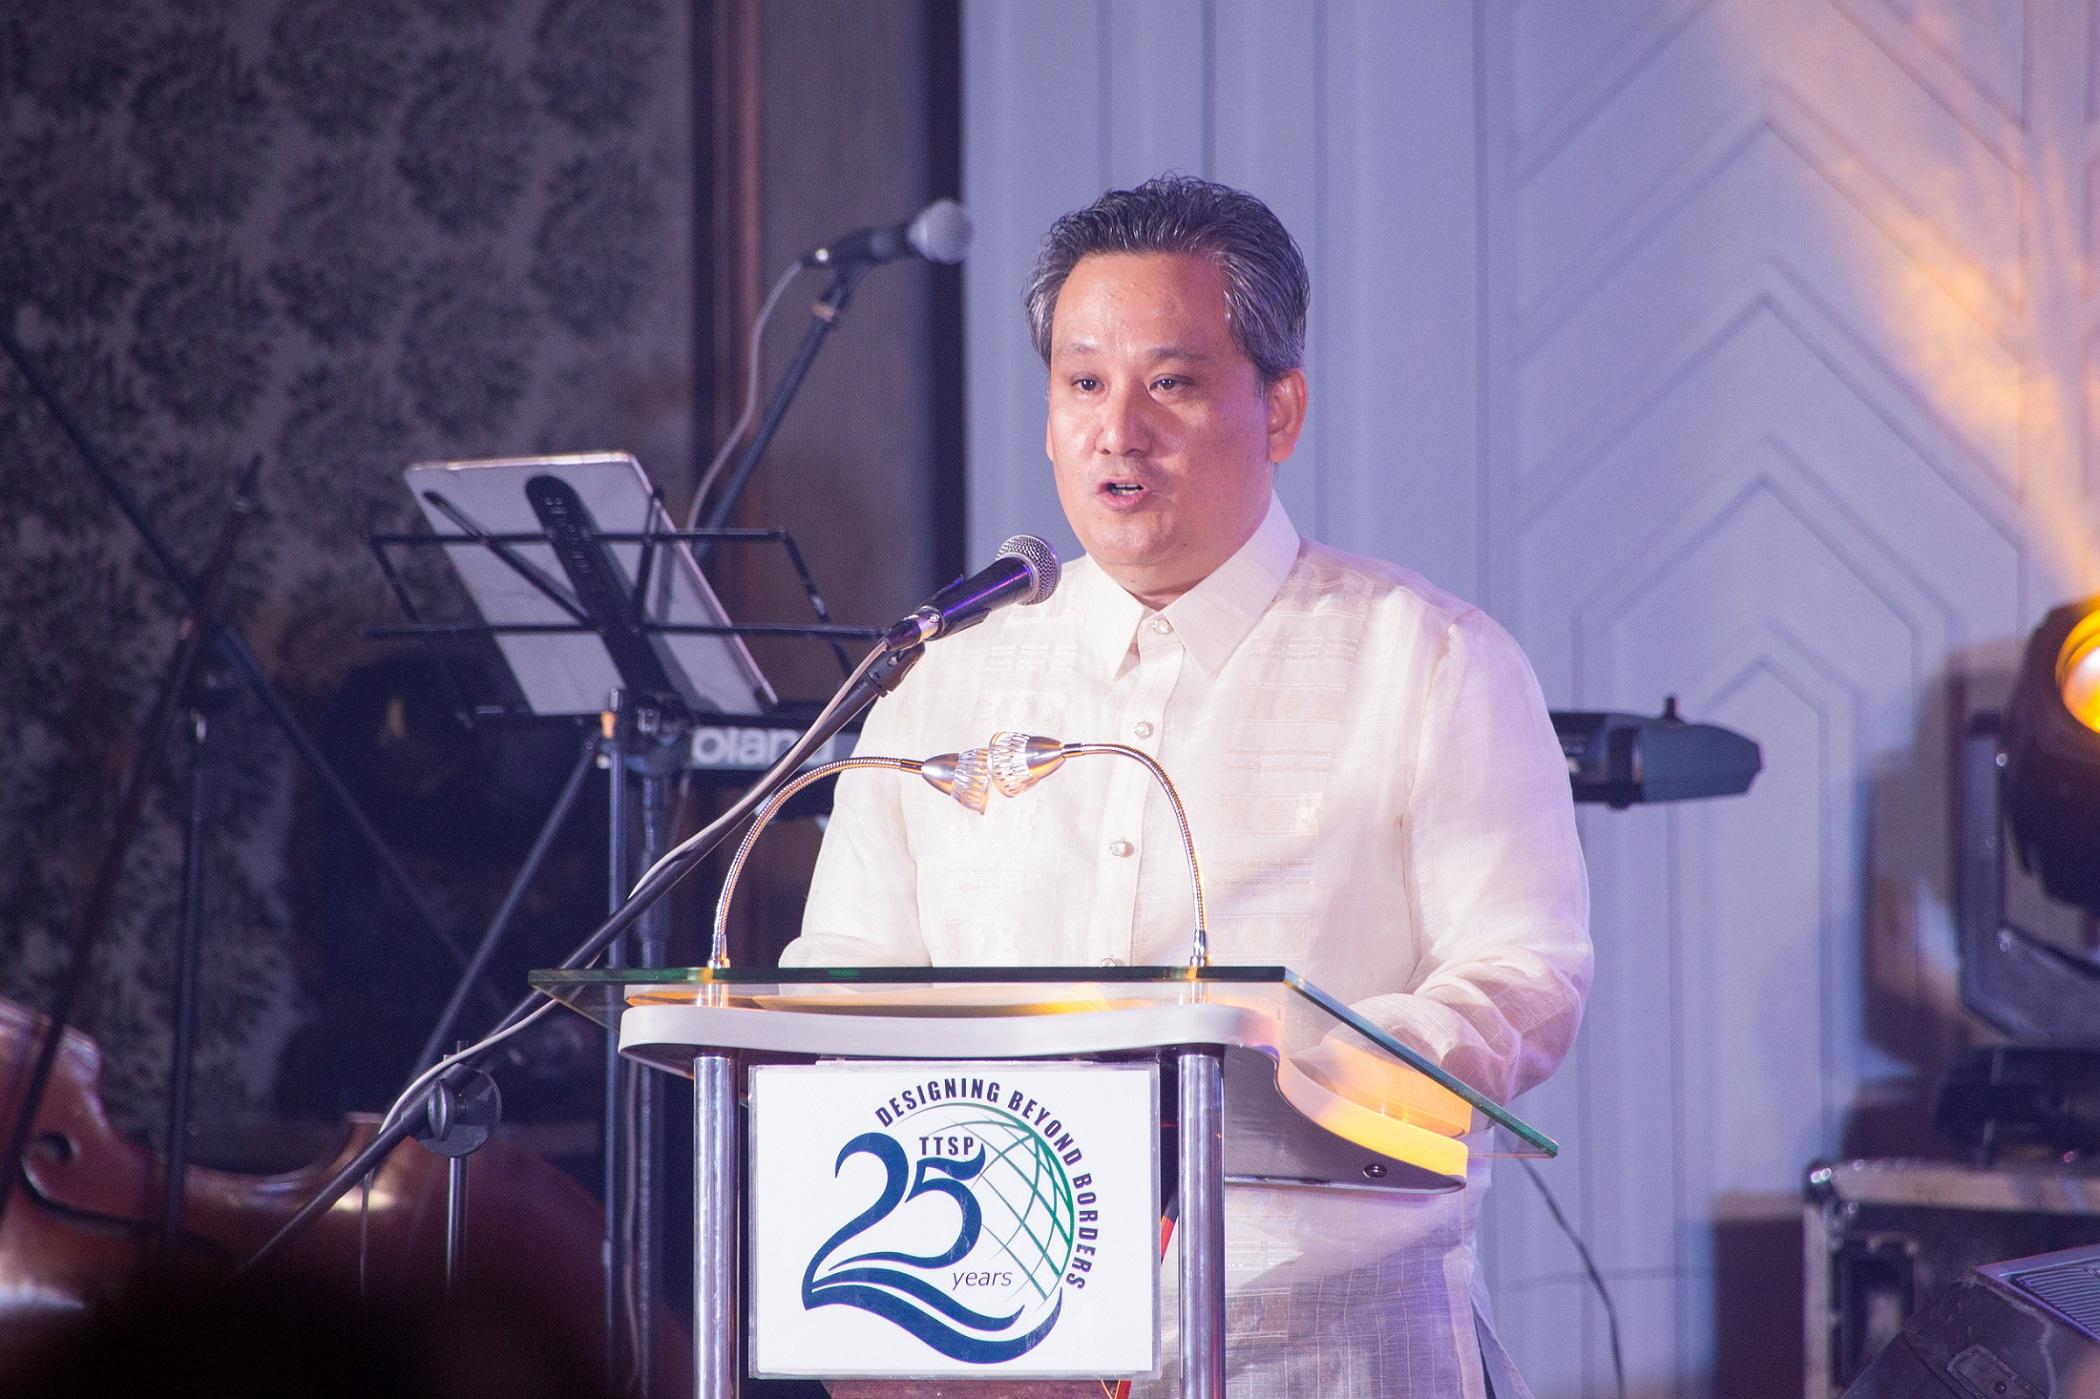 位于菲律宾的设计据点TSUNEISHI TECHNICAL SERVICES (PHILS.), Inc.举办成立25周年纪念庆典